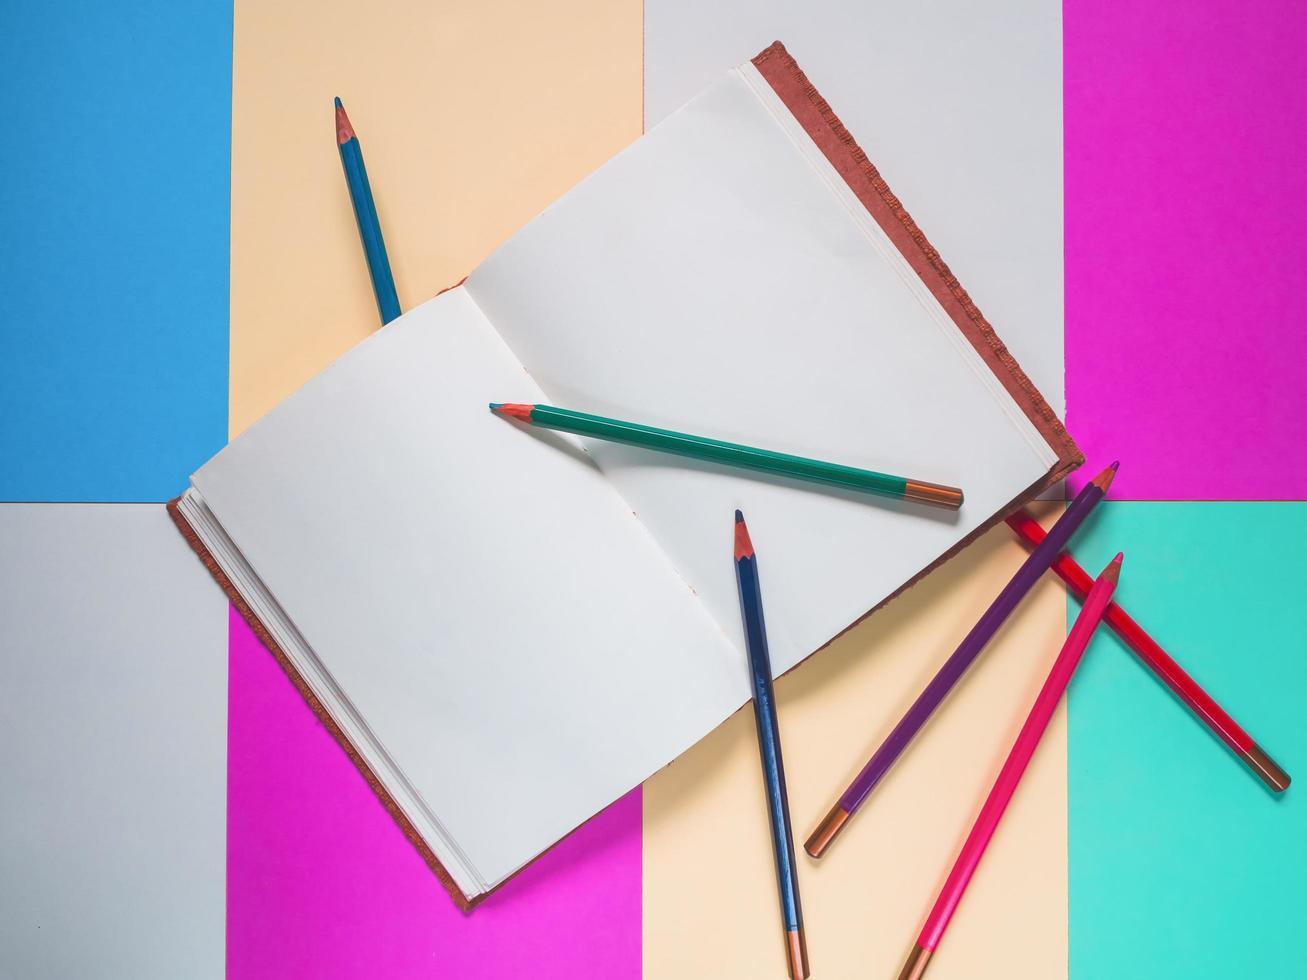 cuaderno sobre un fondo colorido foto